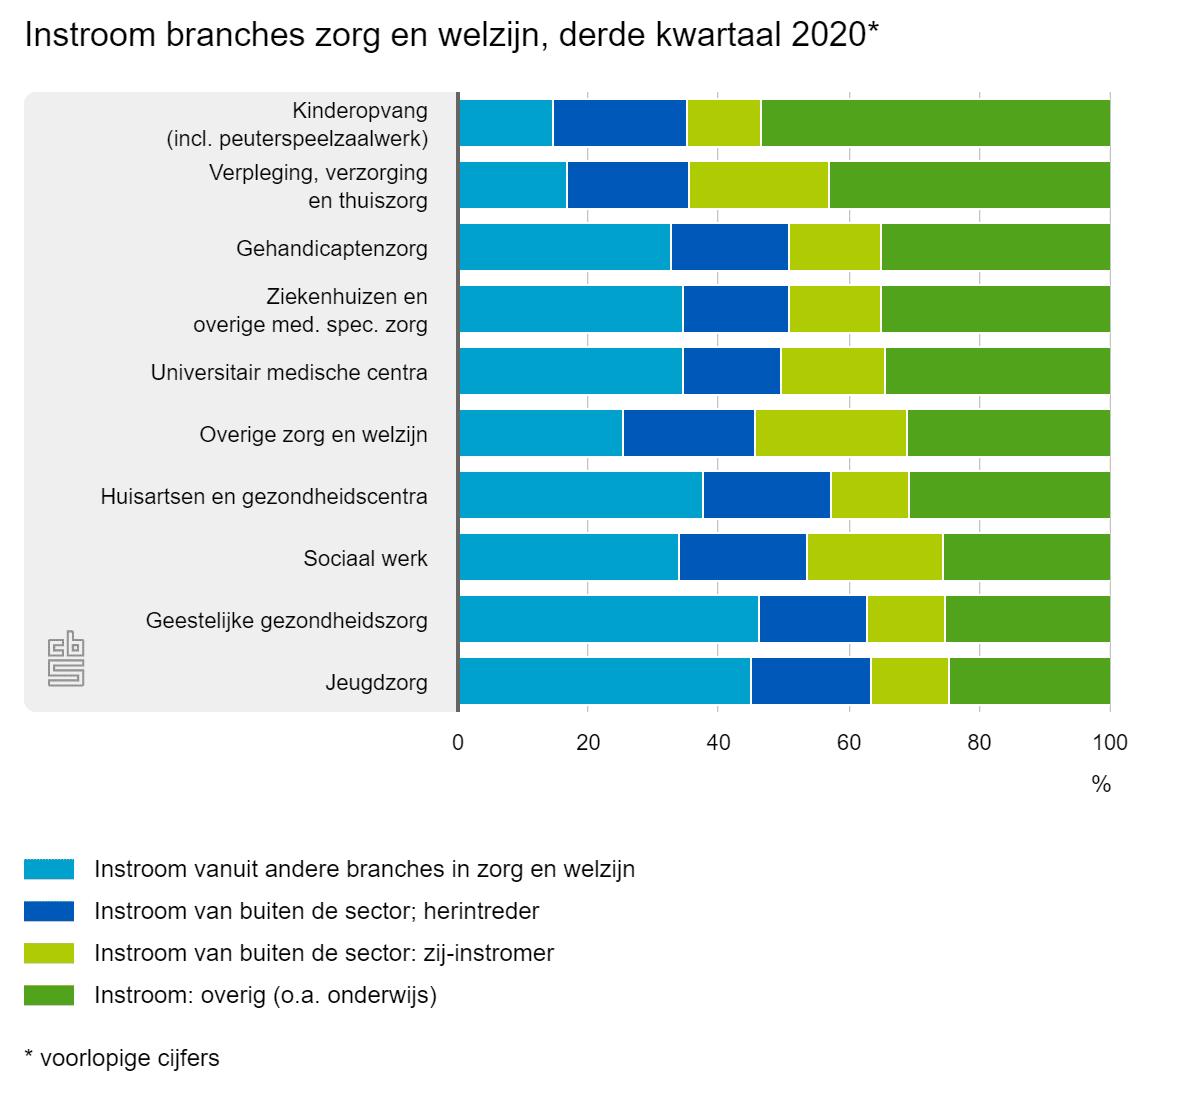 Instroom branches zorg en welzijn, derde kwartaal 2020